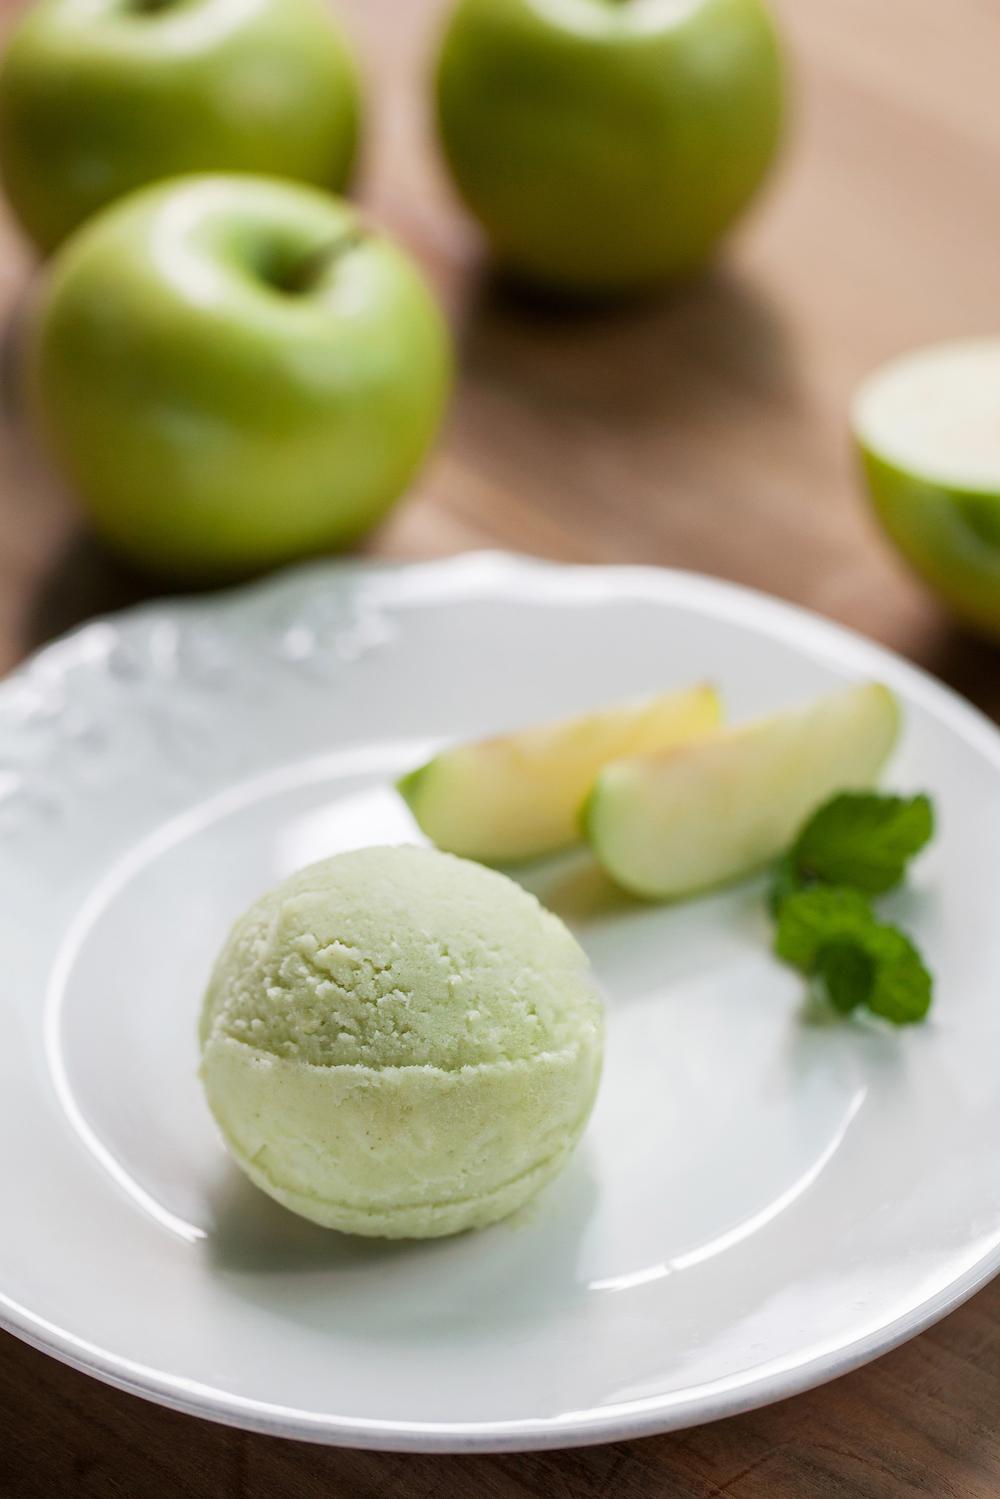 【薄荷青蘋】 以薄荷的涼爽搭配青蘋果的輕酸,將酸甜度調整平衡,清新的風味很適合夏天。